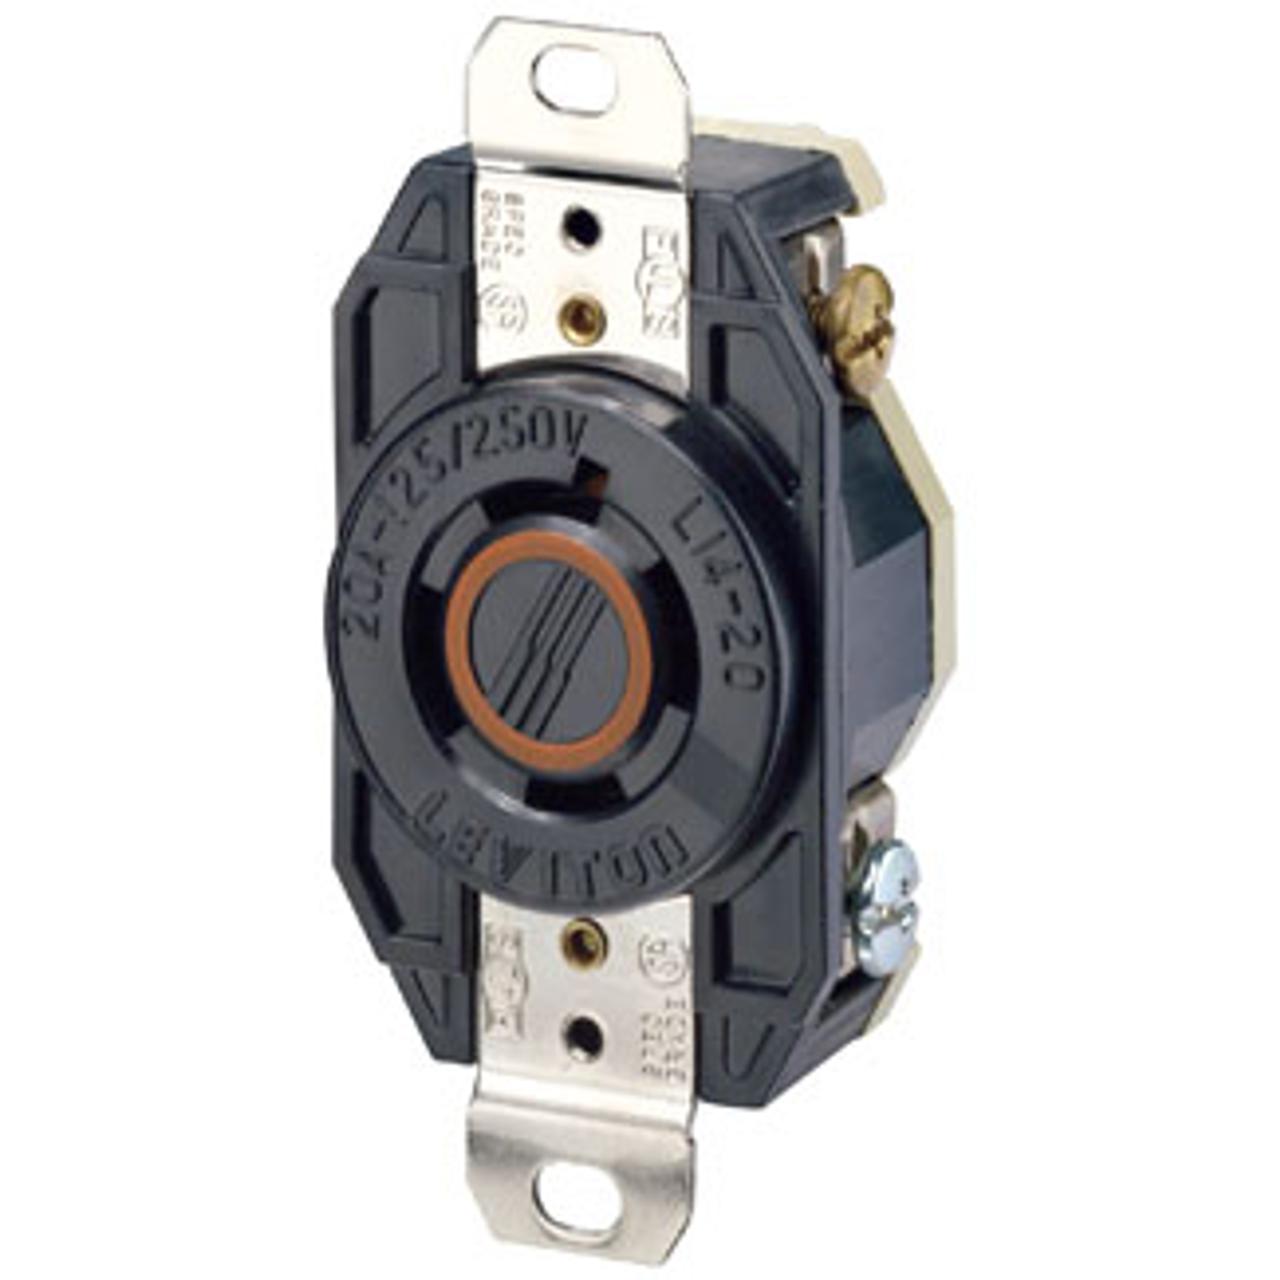 Leviton L14-20r 3p4w 3ph 20a 125  250v Twist Lock Receptacle